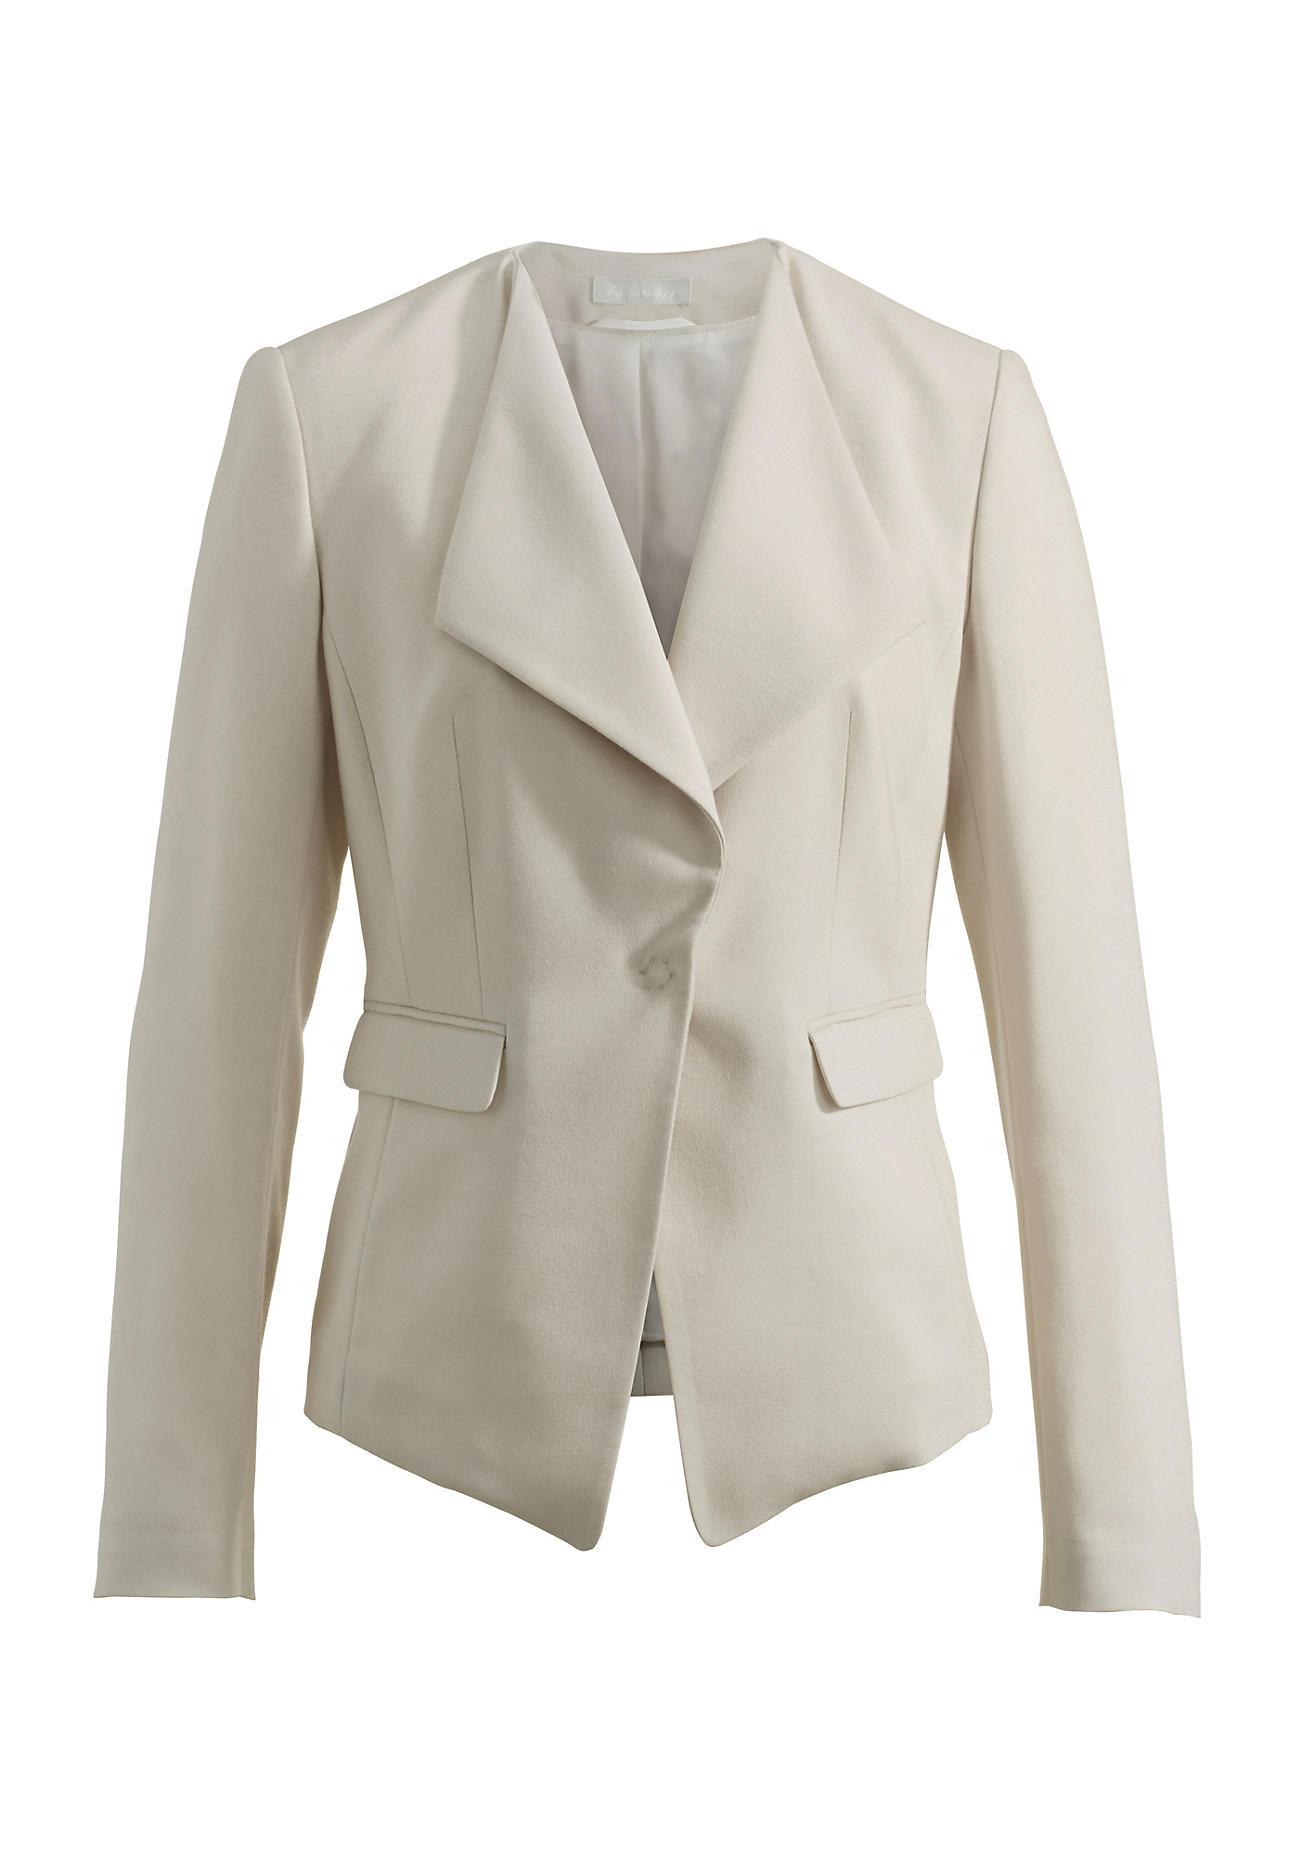 Jacken für Frauen - hessnatur Damen Blazer aus Modal mit Schurwolle – beige –  - Onlineshop Hessnatur